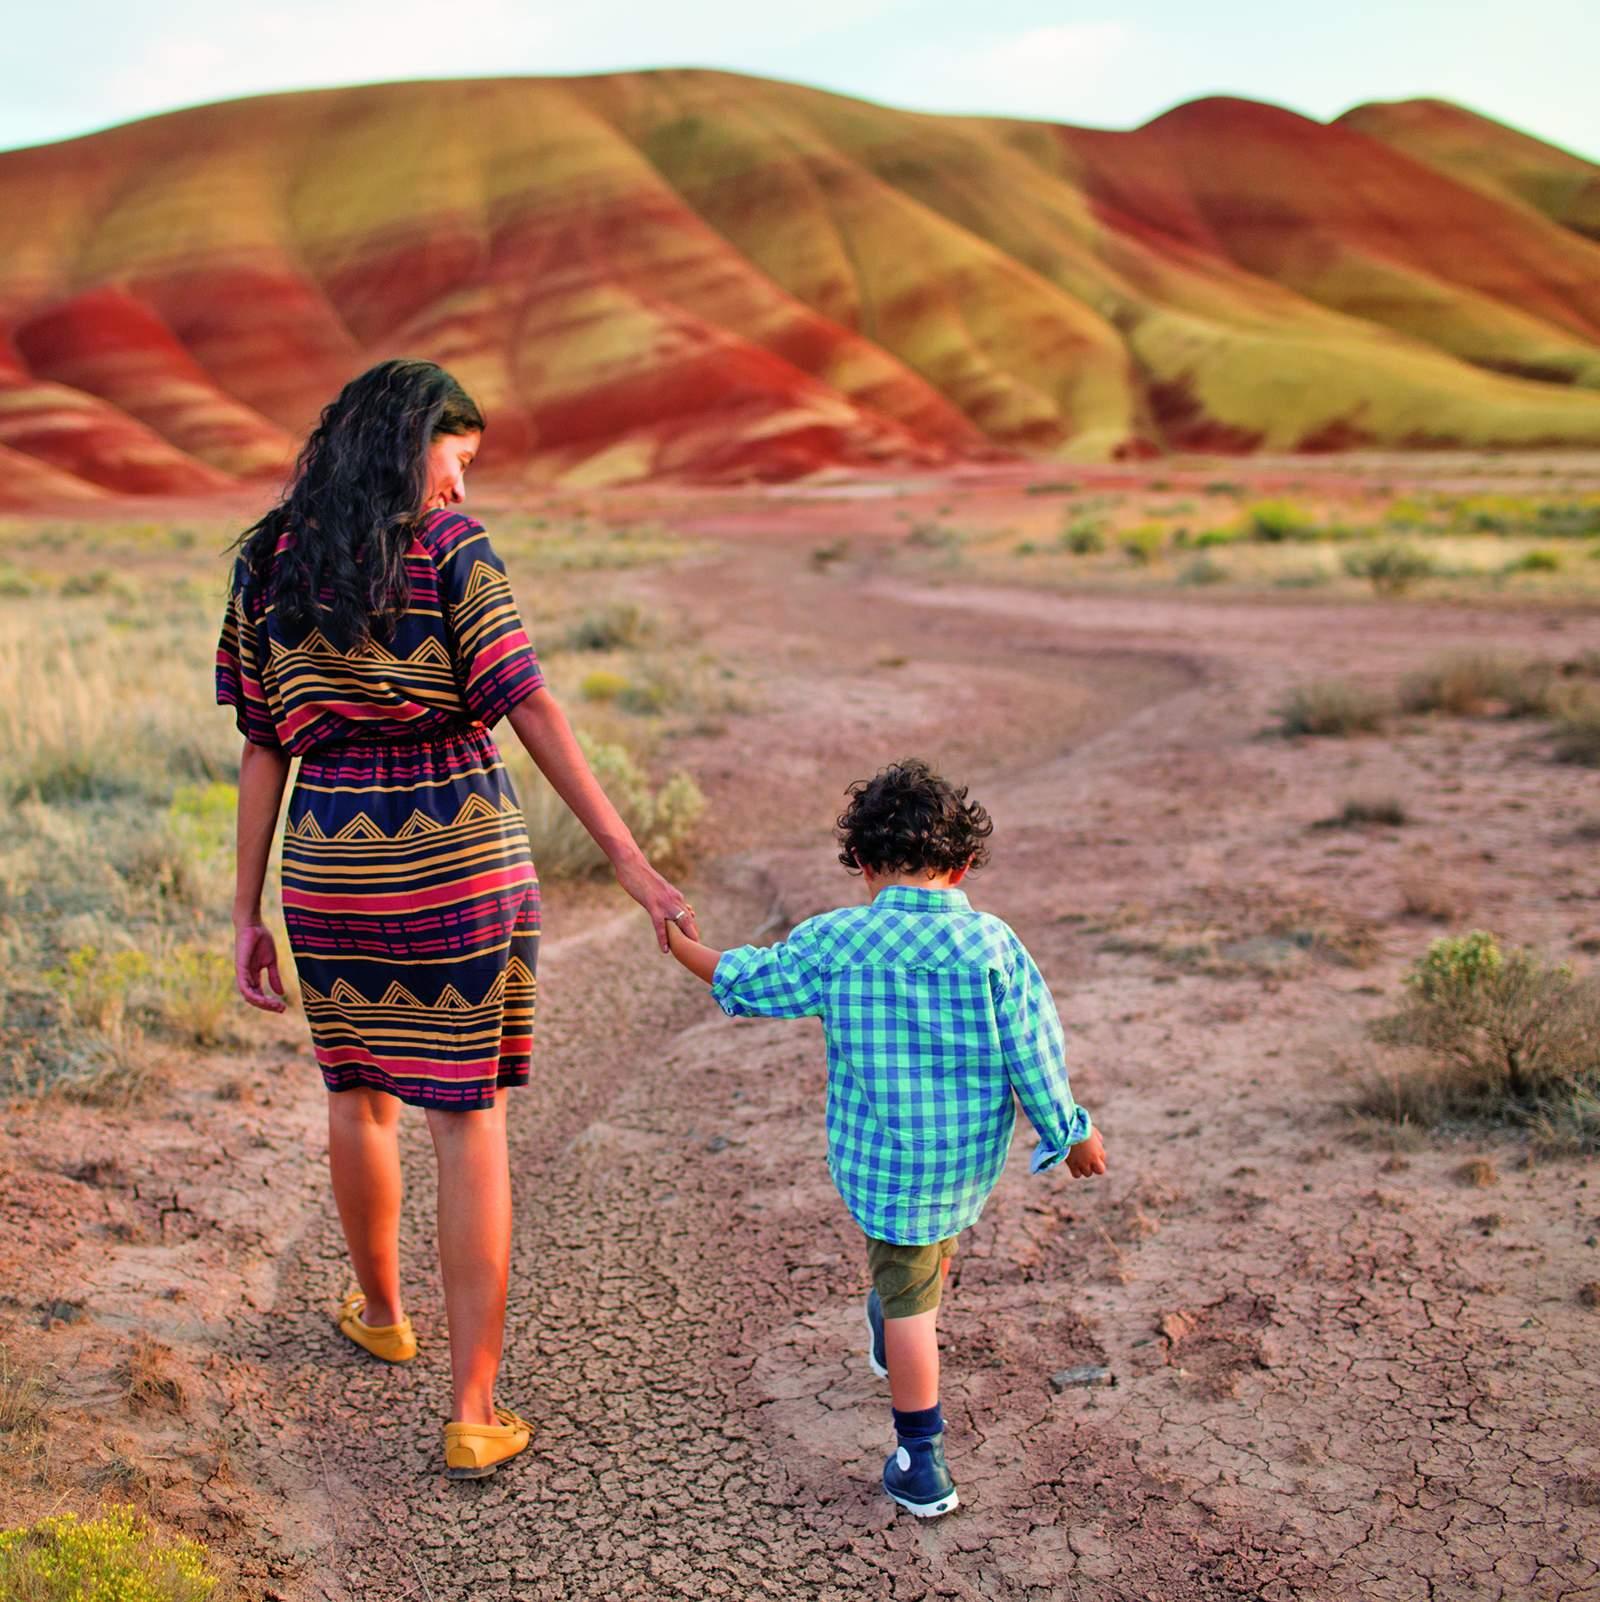 Mutter mit Kind vor Painted Hills, Oregon